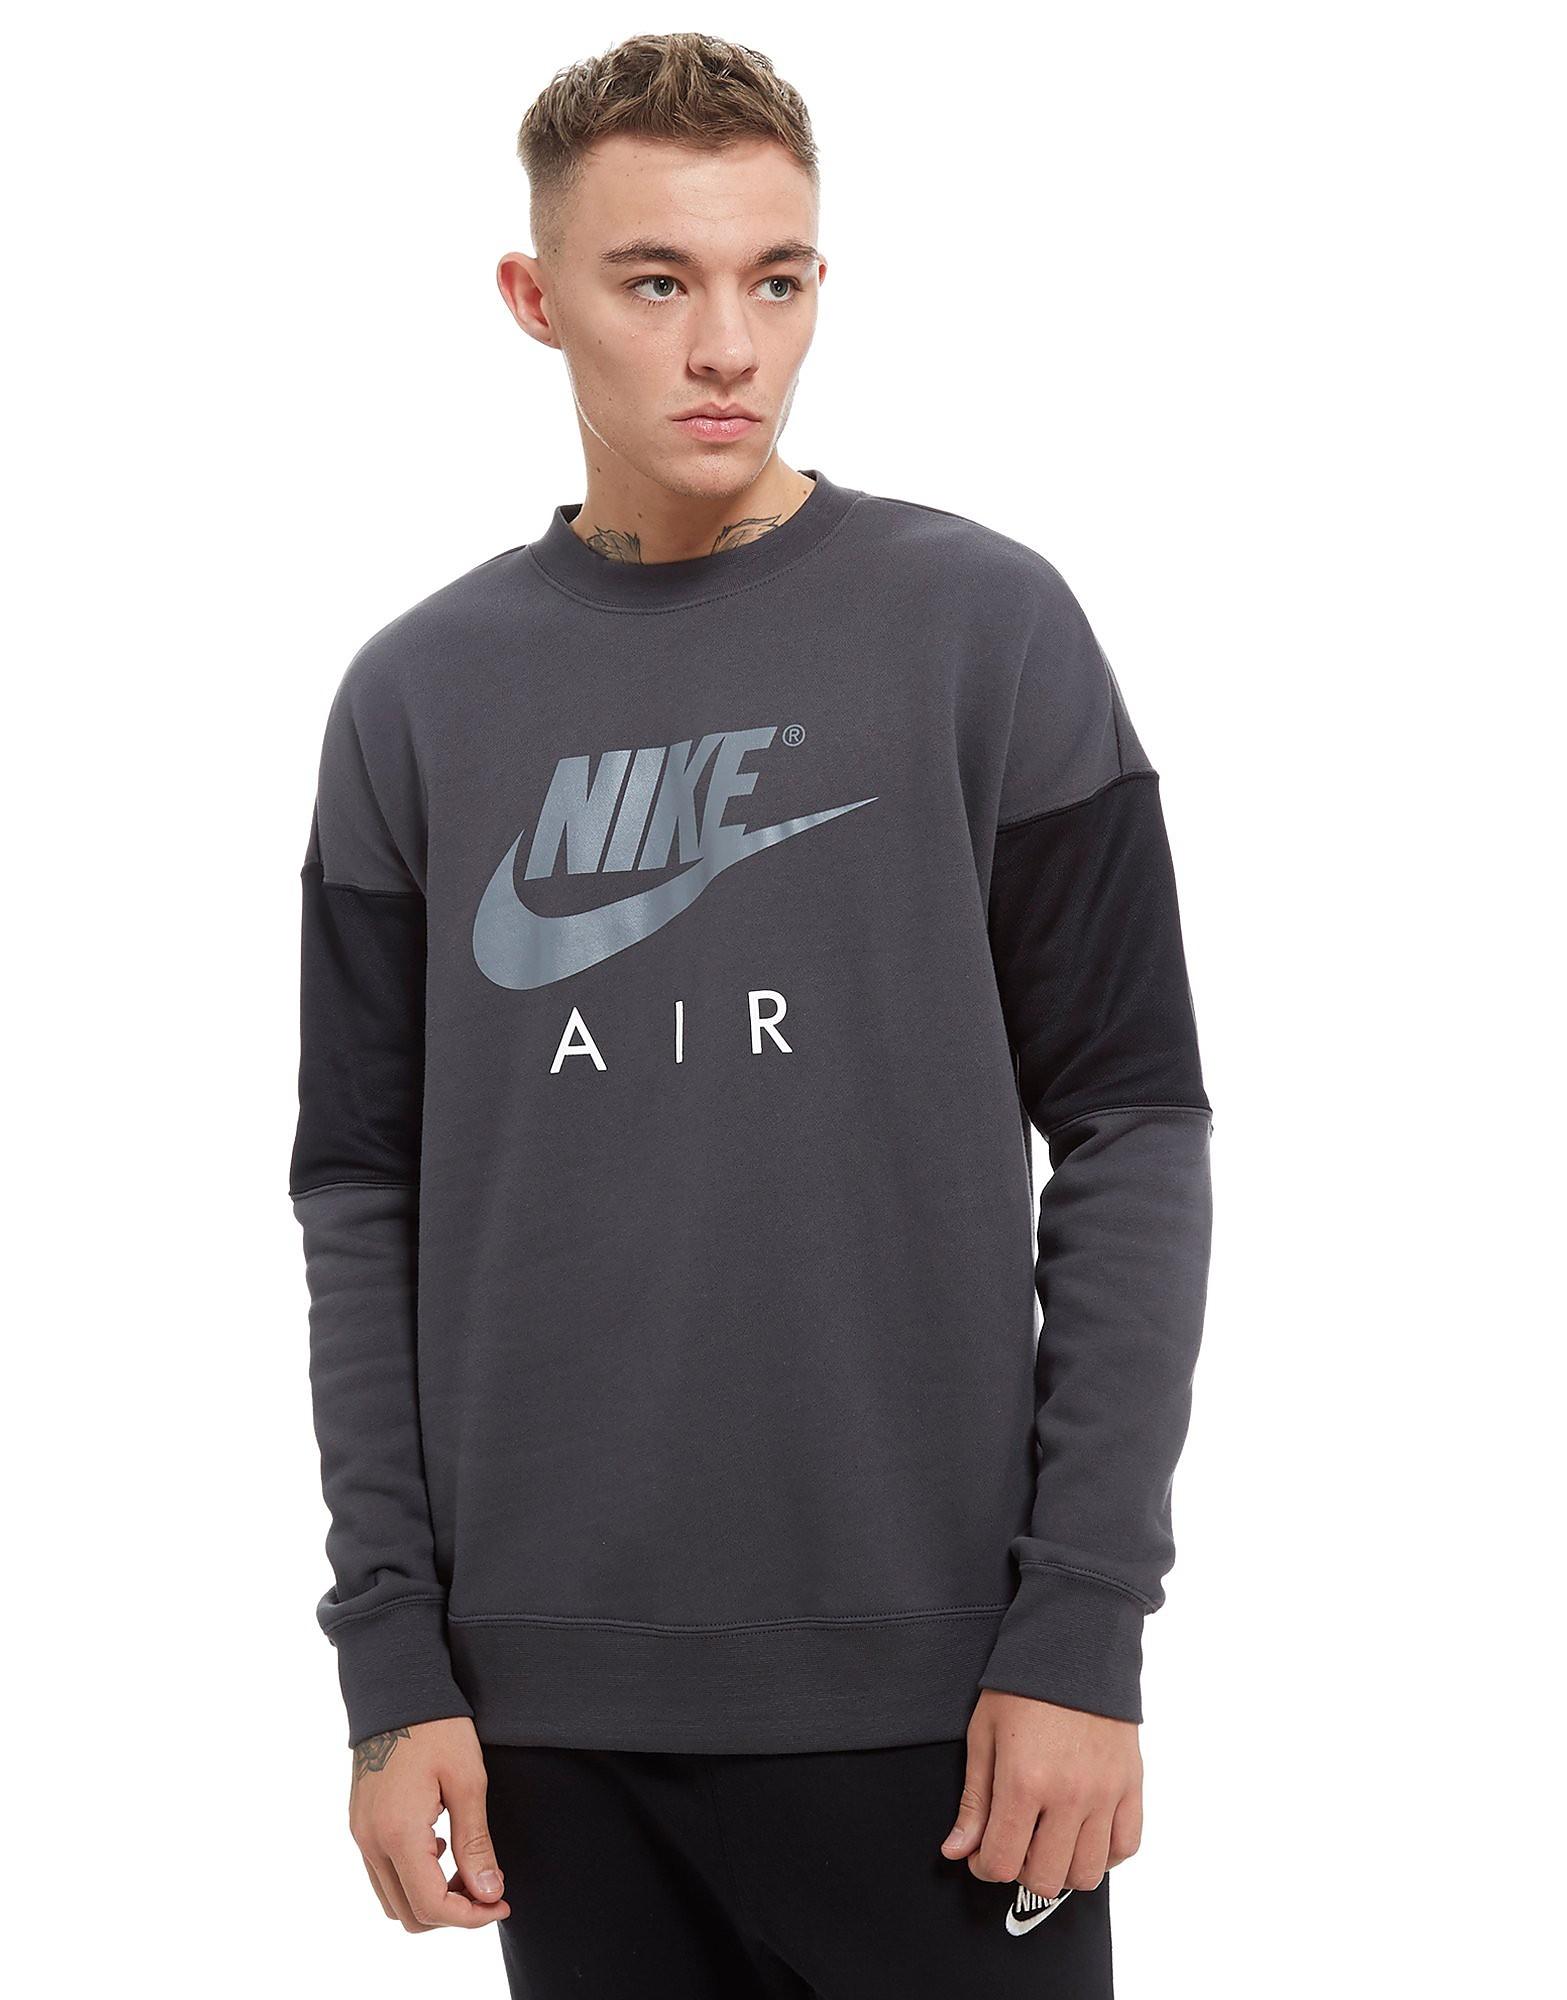 Nike Air Crew Sweatshirt